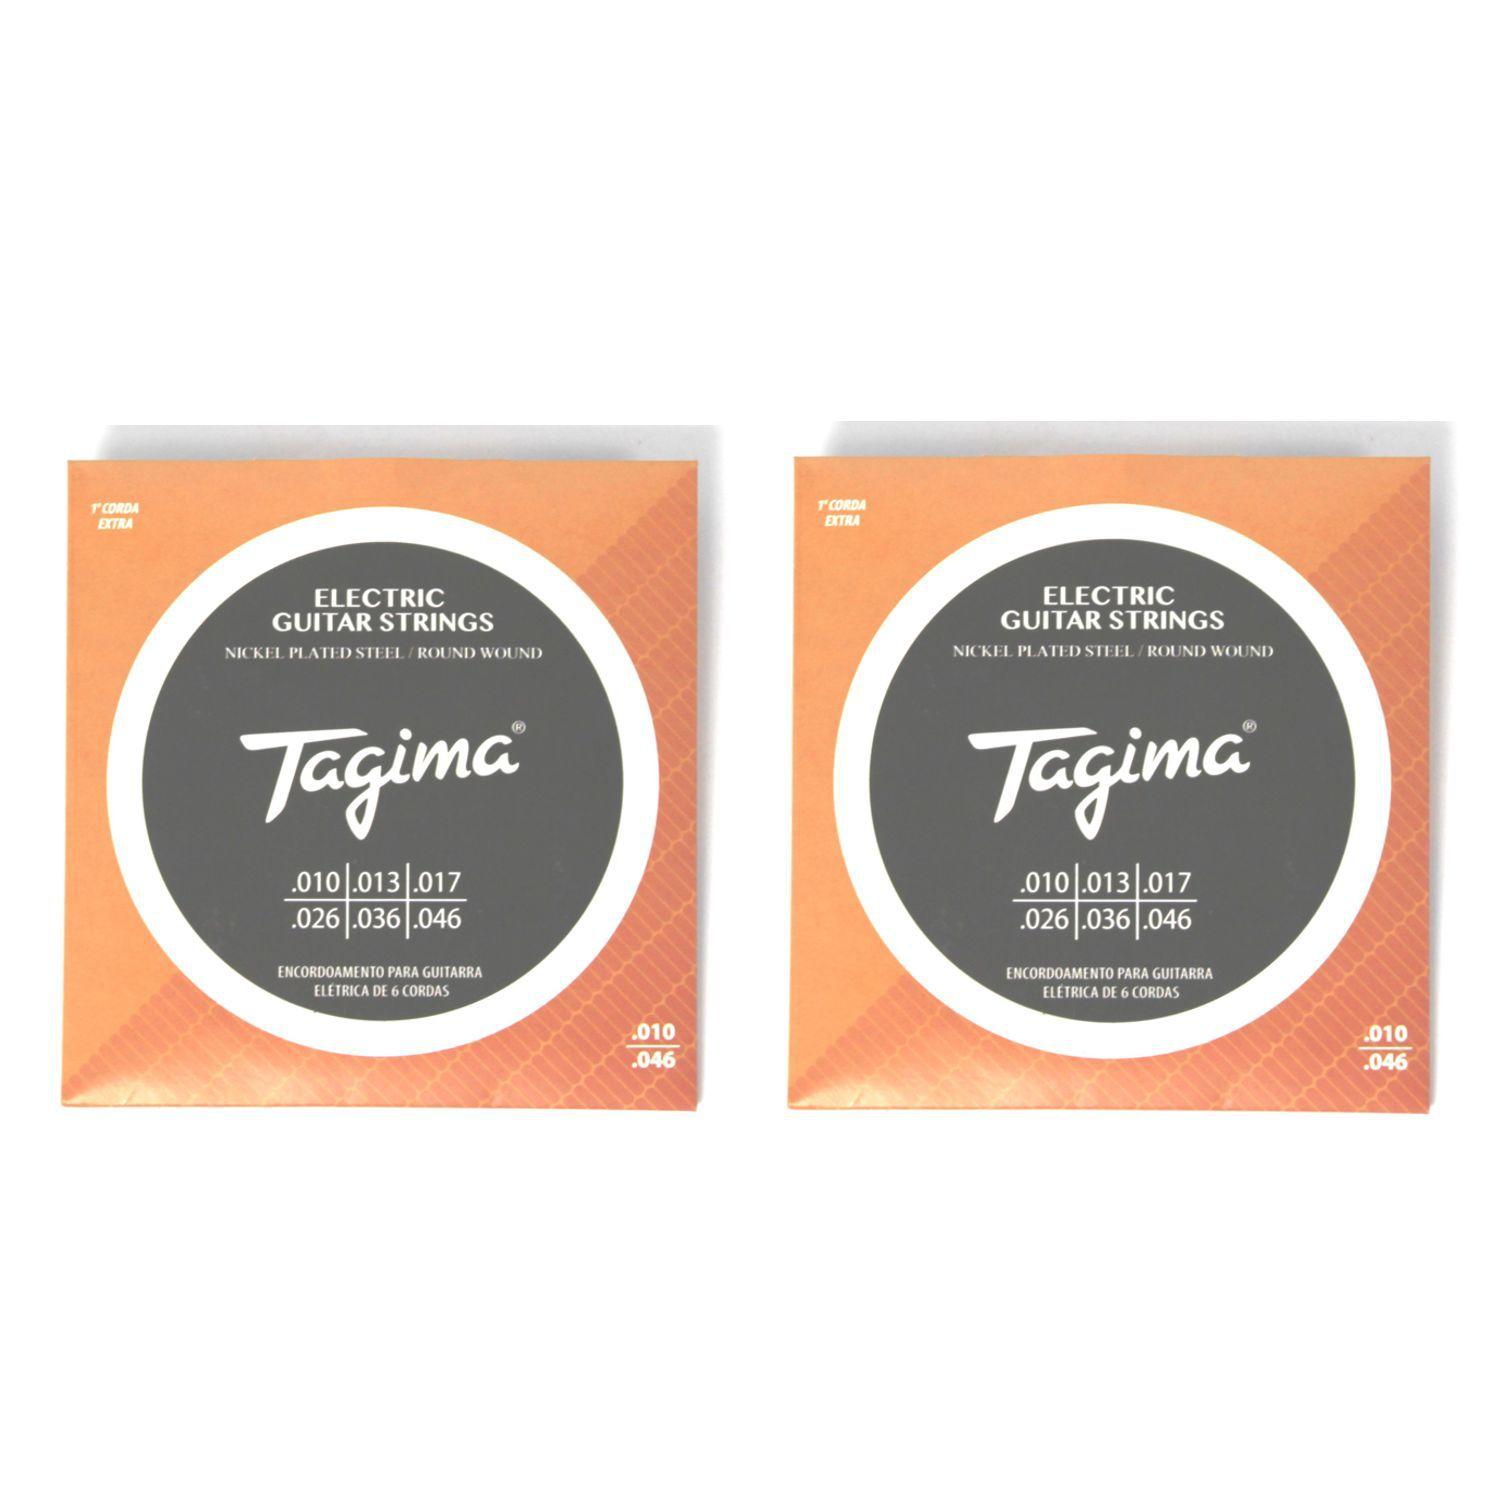 Encordoamento para Guitarra 010 Tagima - TGT-010 - 02 Unidades